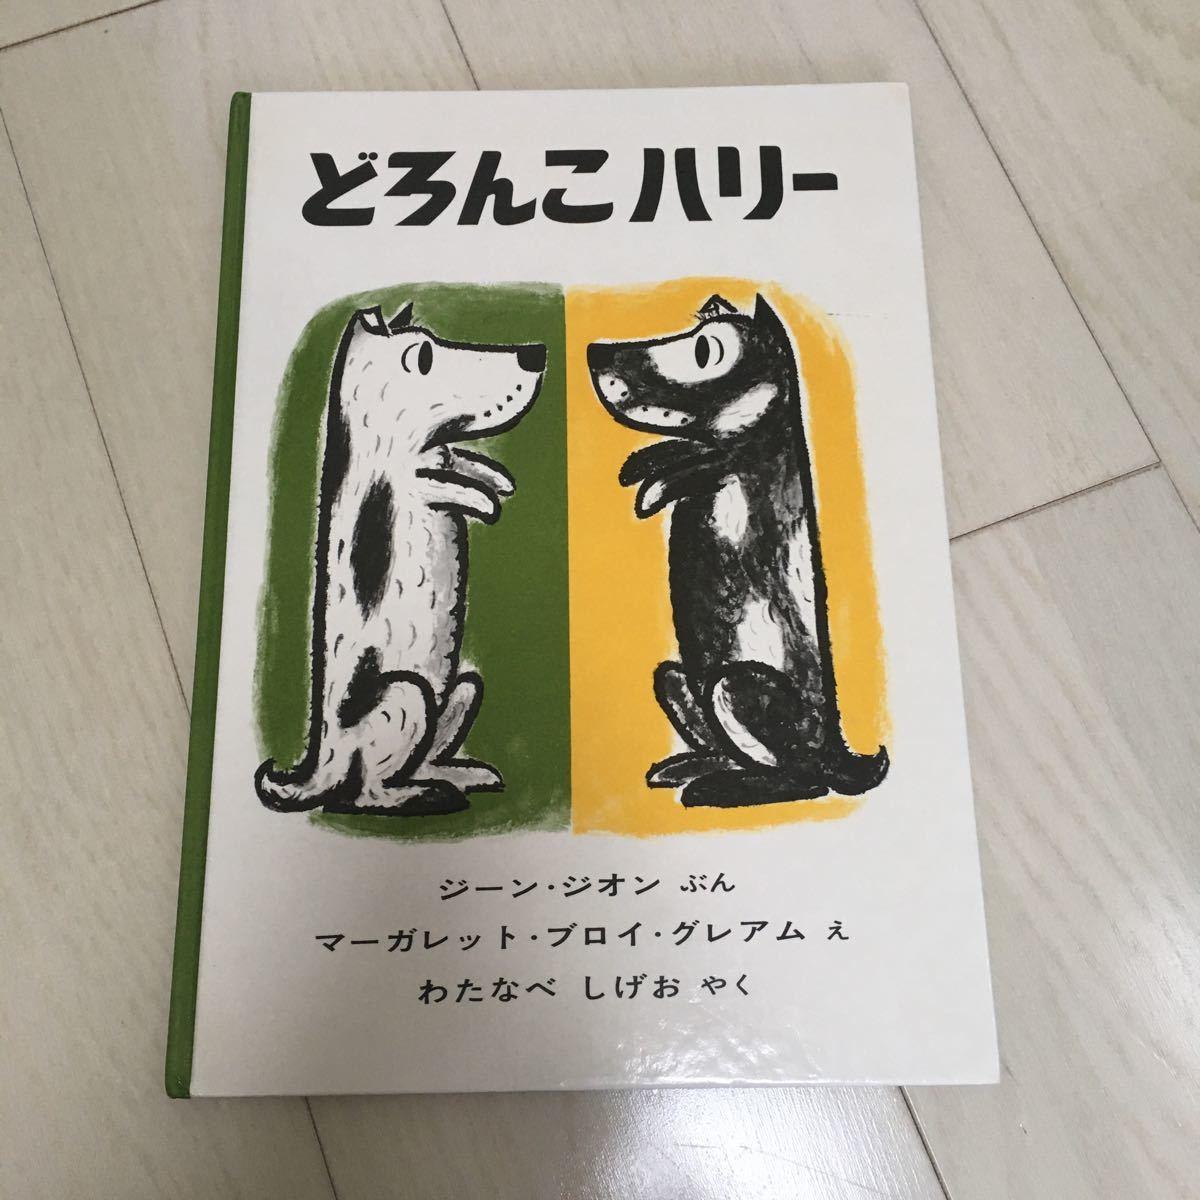 どろんこハリー 絵本  福音館 福音館書店